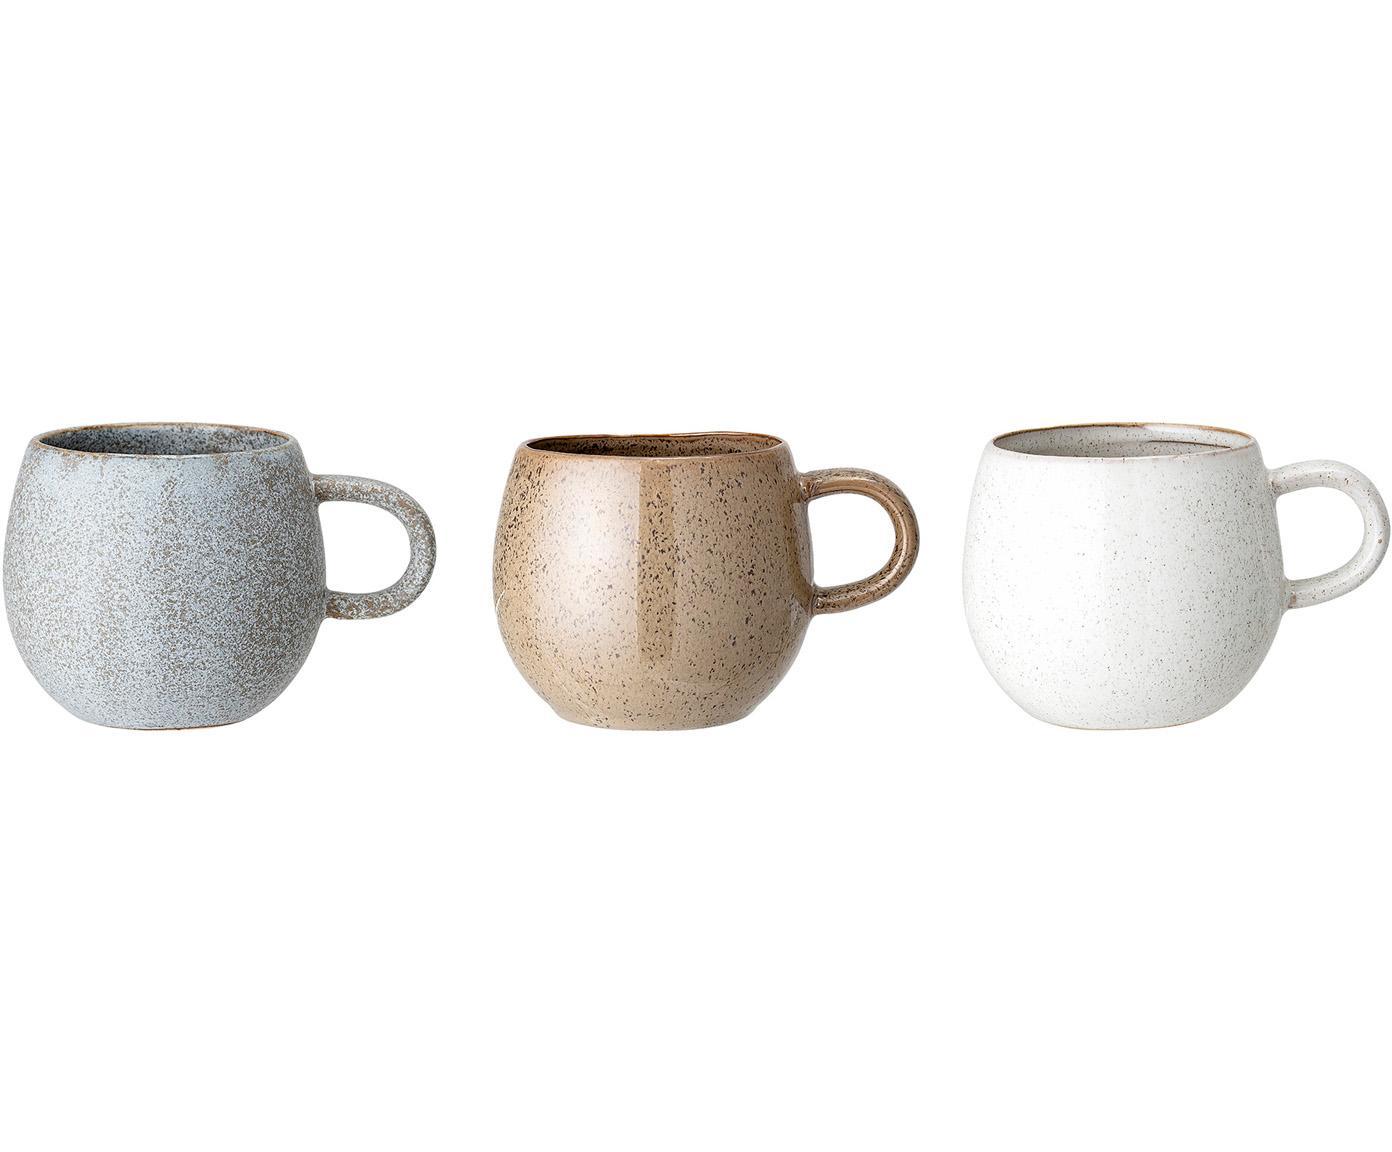 Handgefertigtes Teetassen-Set Addison, 3-tlg., Steingut, Grau, Beige, Weiß, Ø 11 x H 10 cm